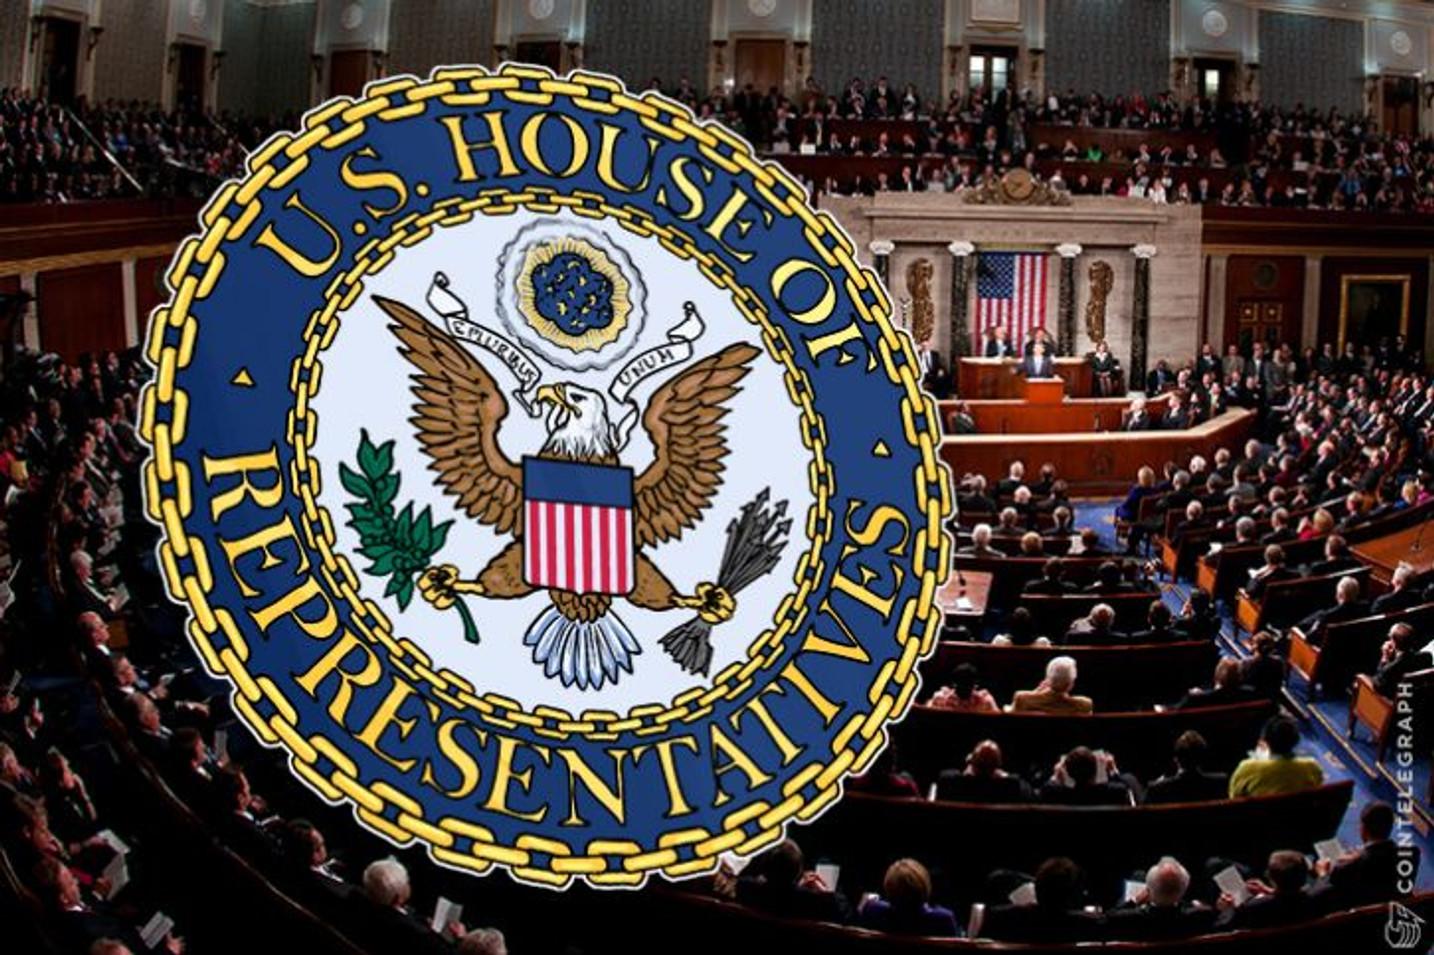 米国下院議員がブロックチェーン促進に関する決議を支援